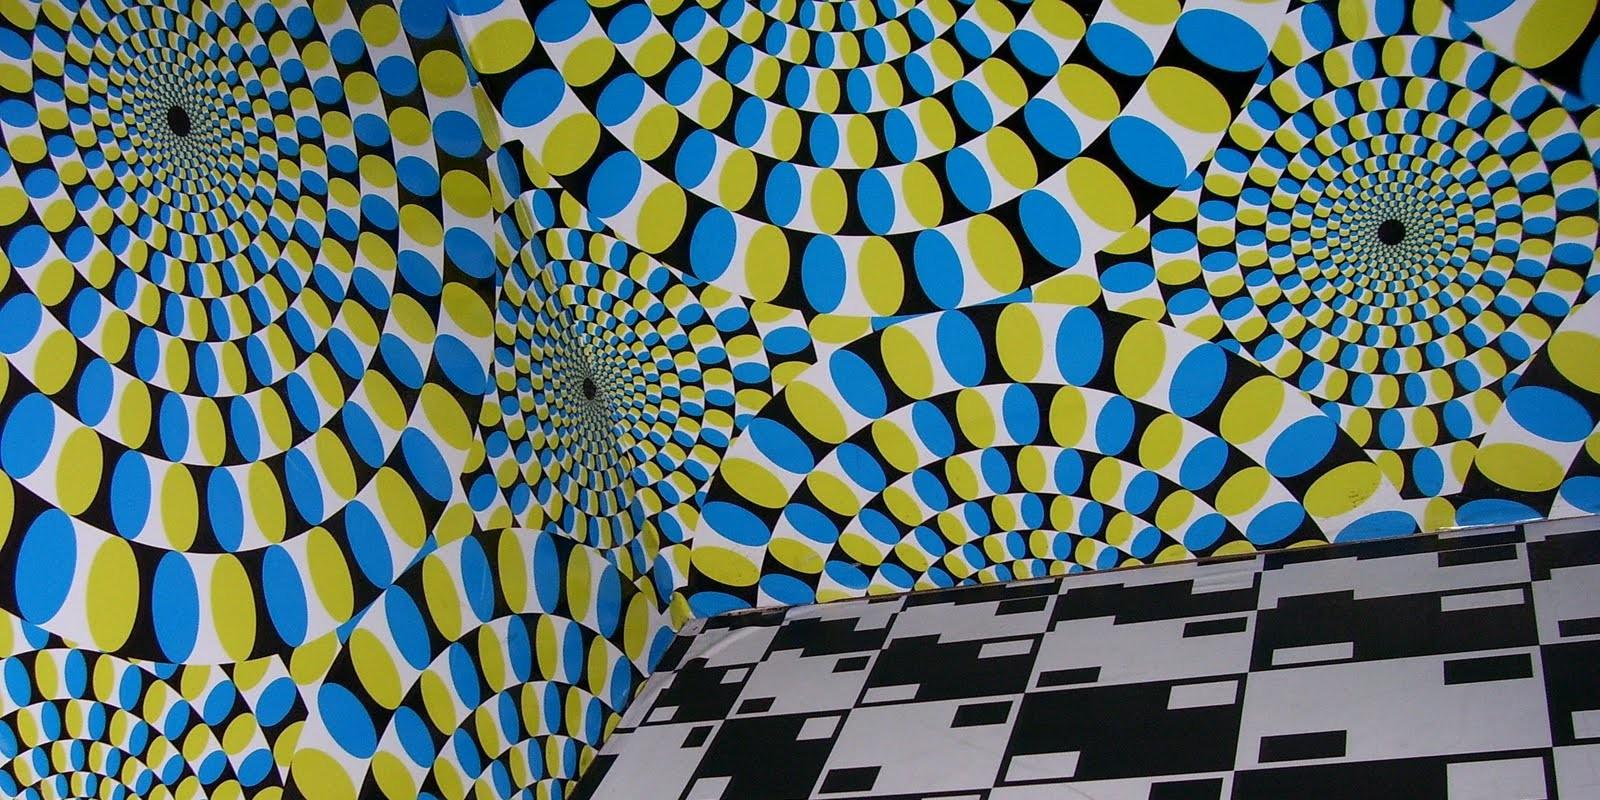 24 ilusões de ótica que vão dar um nó no seu cérebro